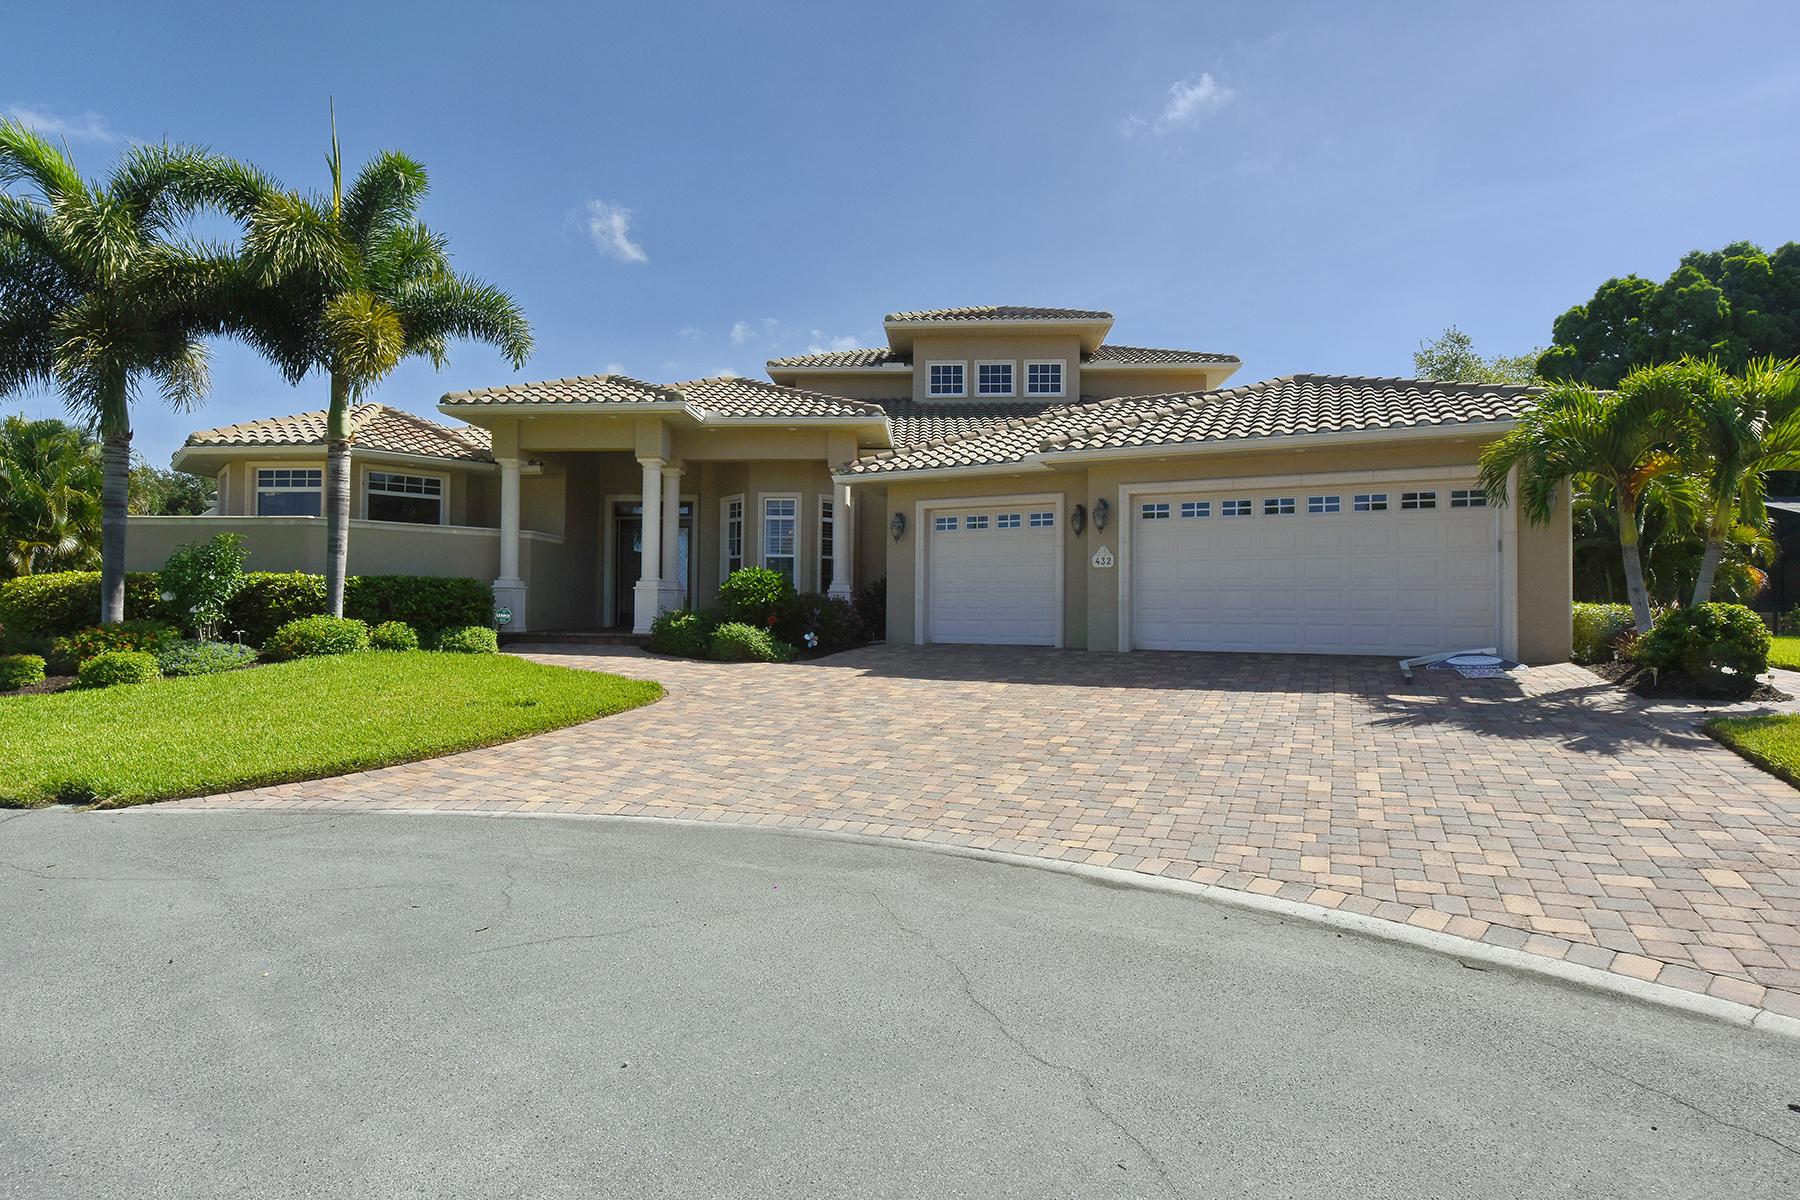 Maison unifamiliale pour l Vente à SORRENTO SHORES 432 Sorrento Dr Osprey, Florida 34229 États-Unis